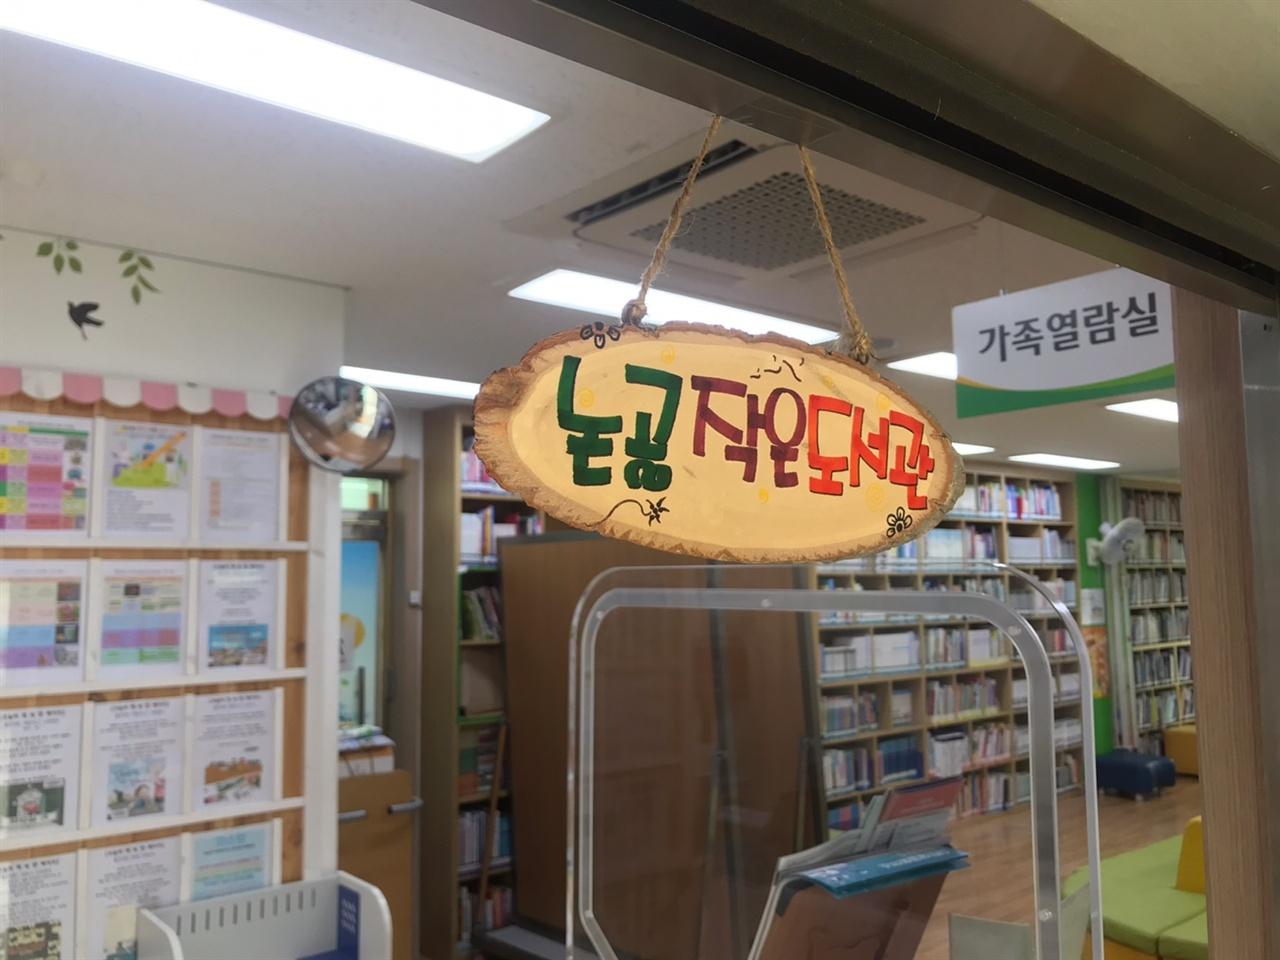 입구에 걸린 논골 작은 도서관 팻말 성남시 단대동 논골 도서관은 아이 키우는 부모들이 모일 공간을 고민하다 시작됐다.